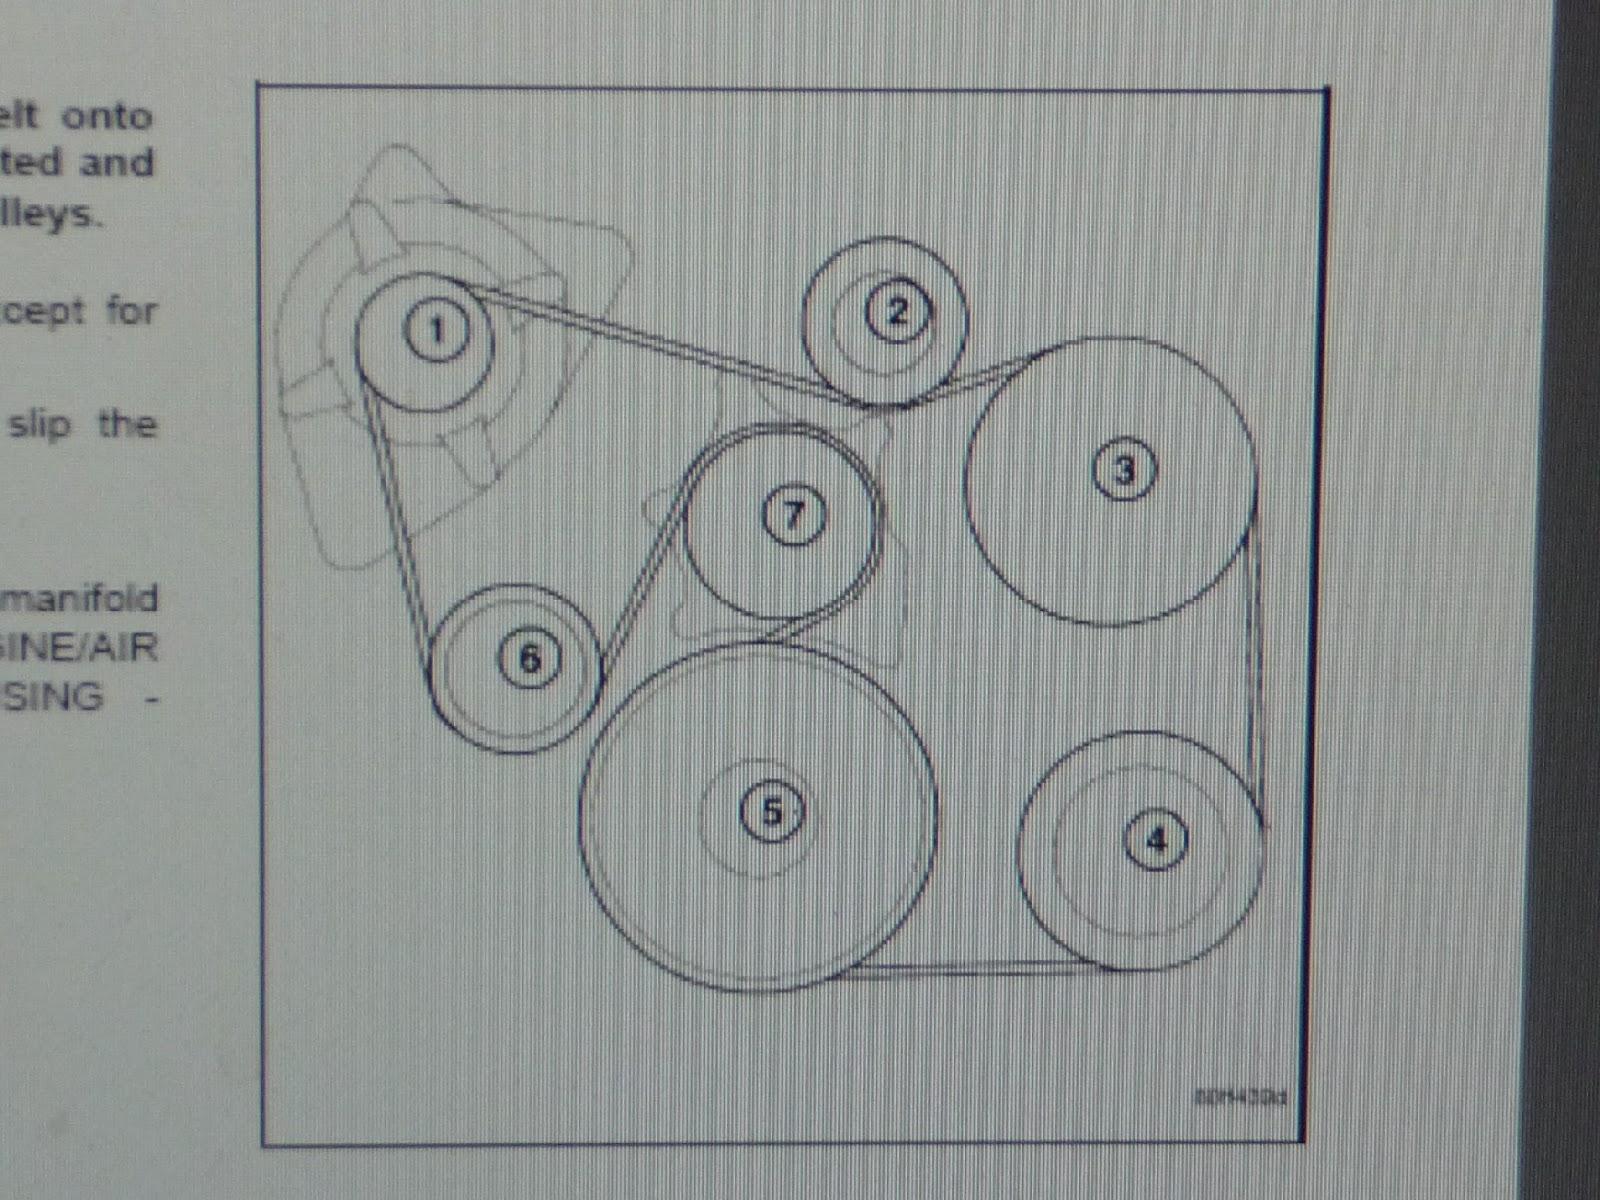 belt zara images dodge ram belt diagram belt zara images dodge ram belt diagram [ 1600 x 1200 Pixel ]